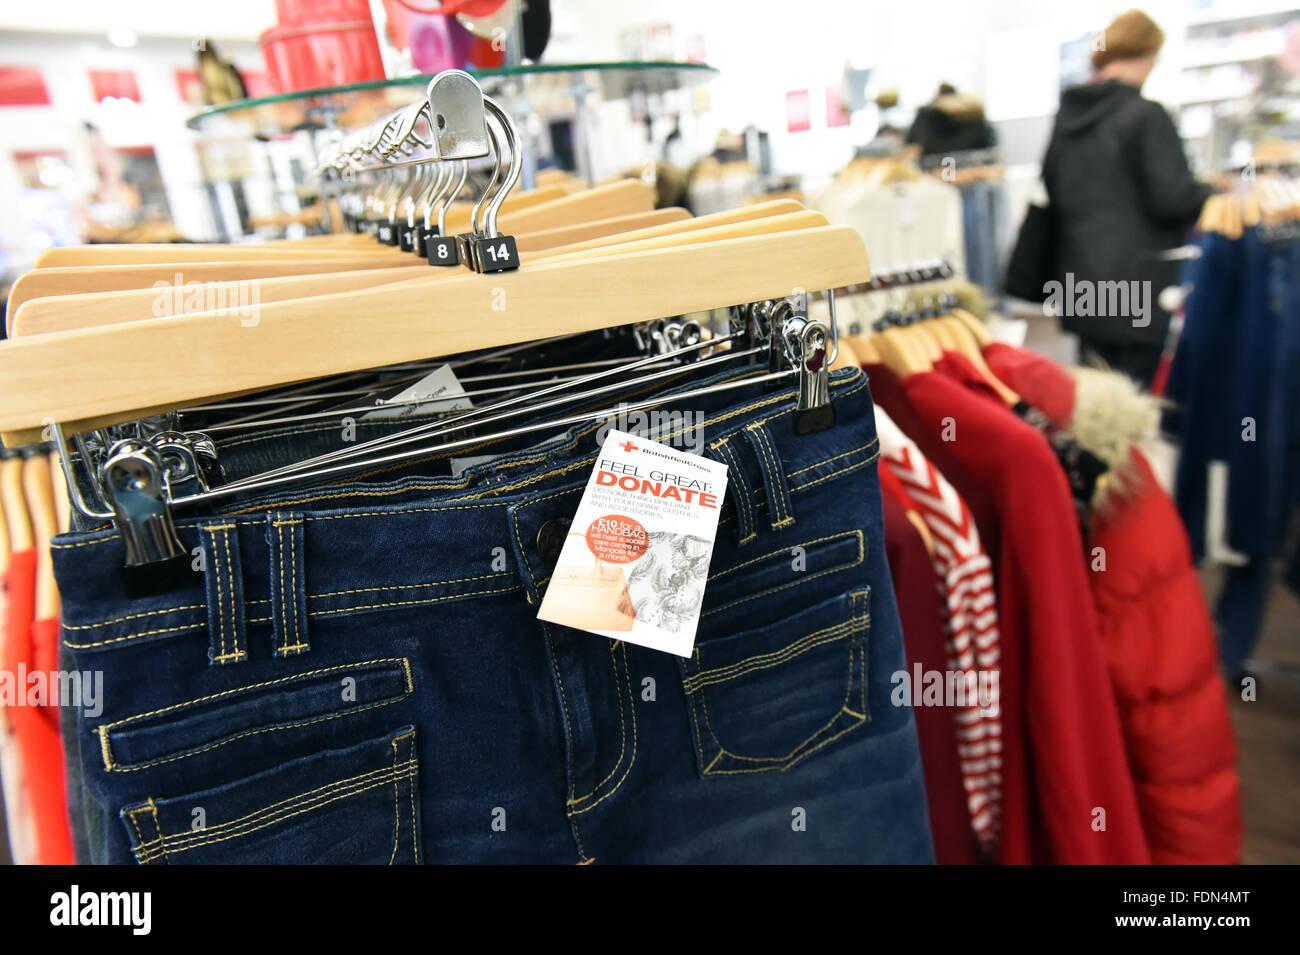 Vêtements affiché dans un magasin de charité UK accroché sur des cintres. Photo Stock